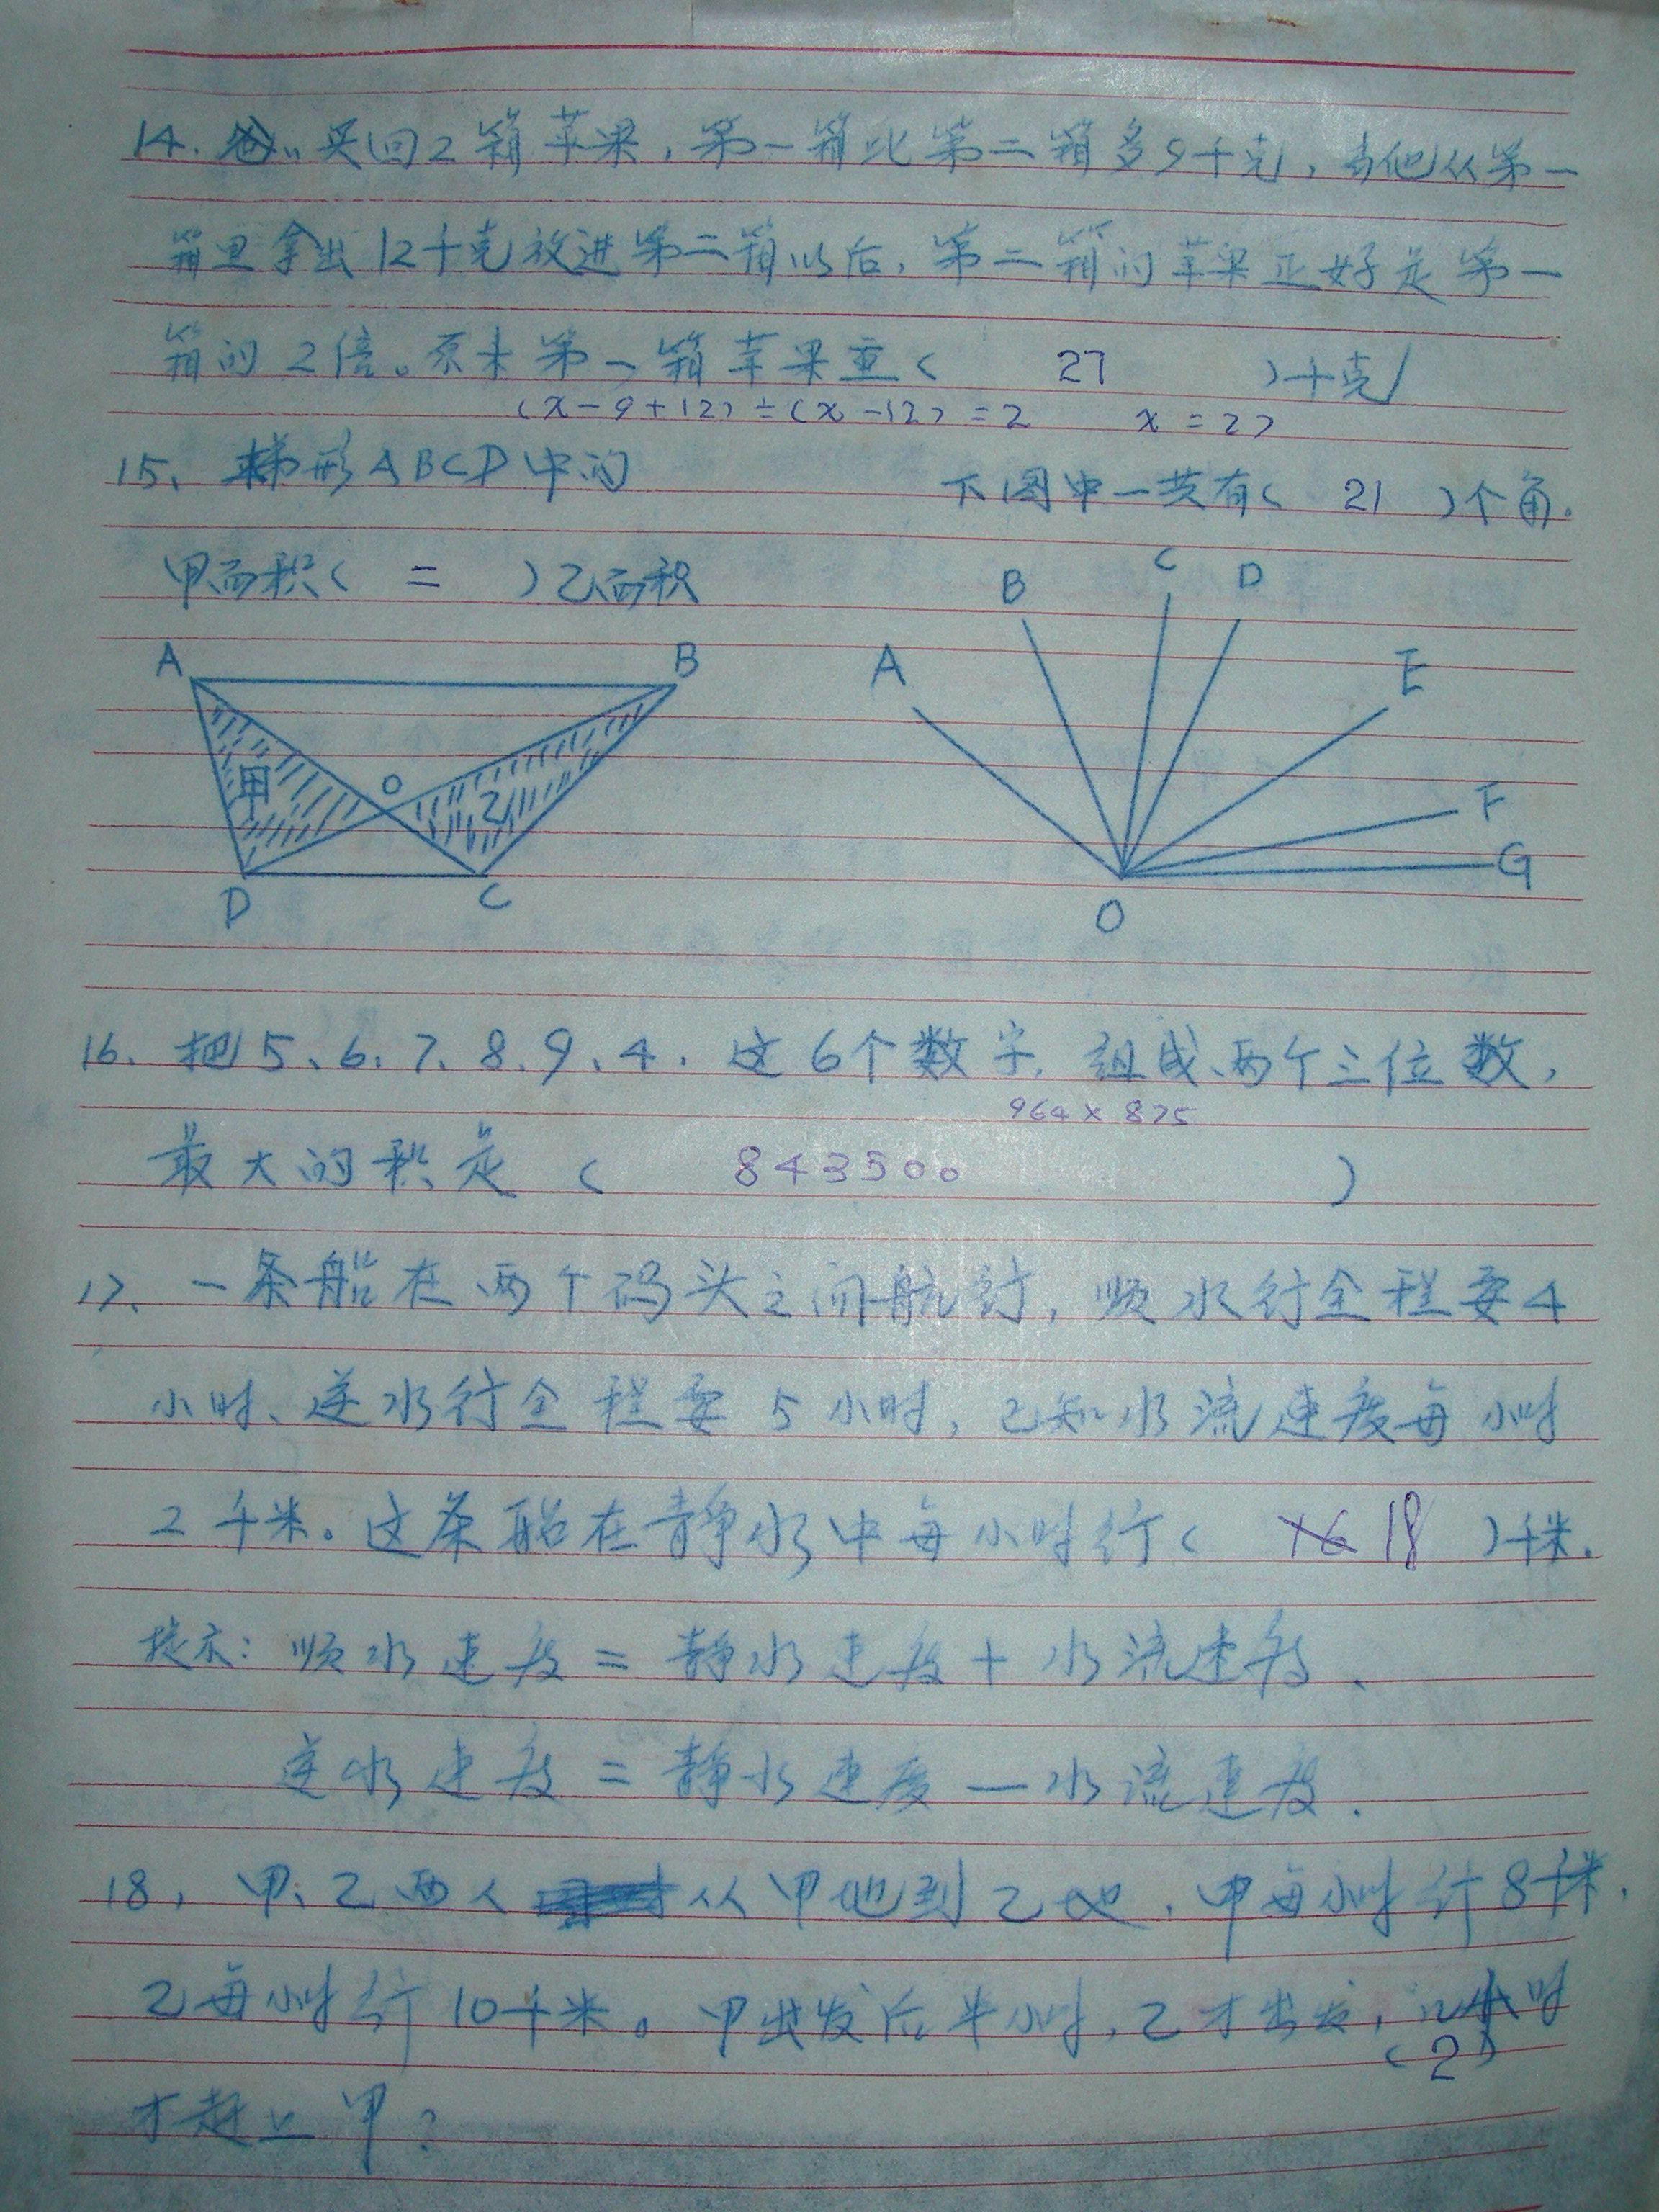 数学竞赛训练题目·回忆4.JPG